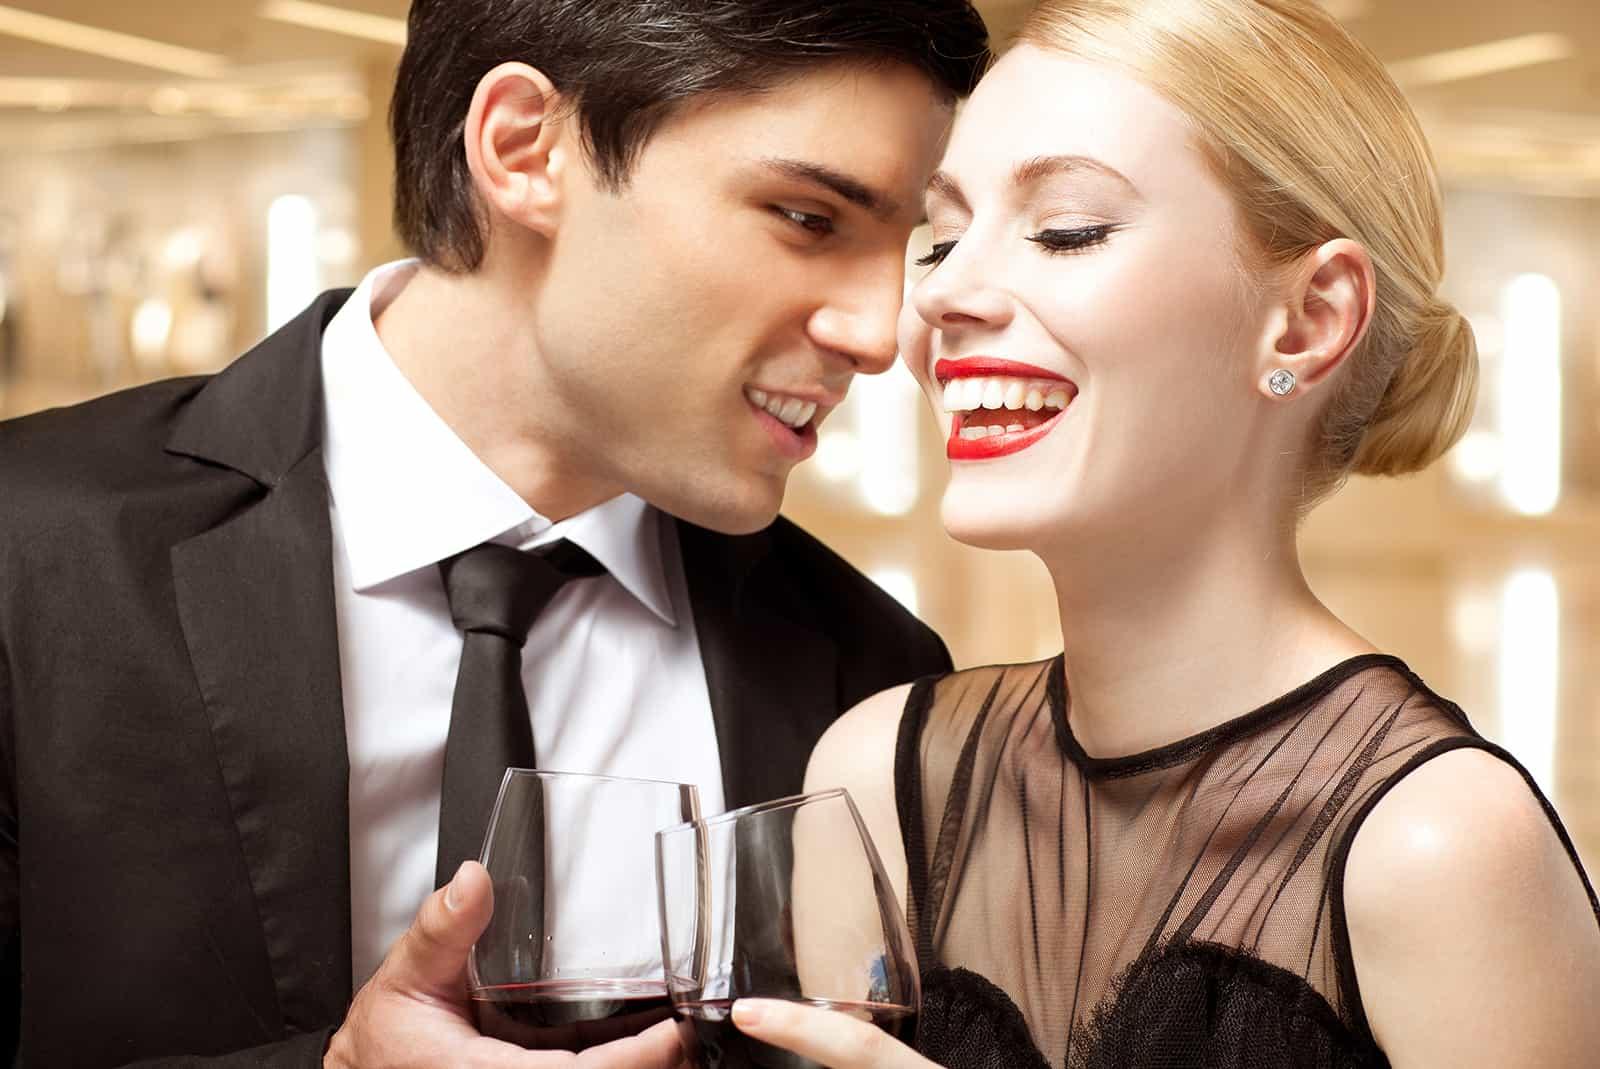 un couple gai parlant à la fête et buvant du vin